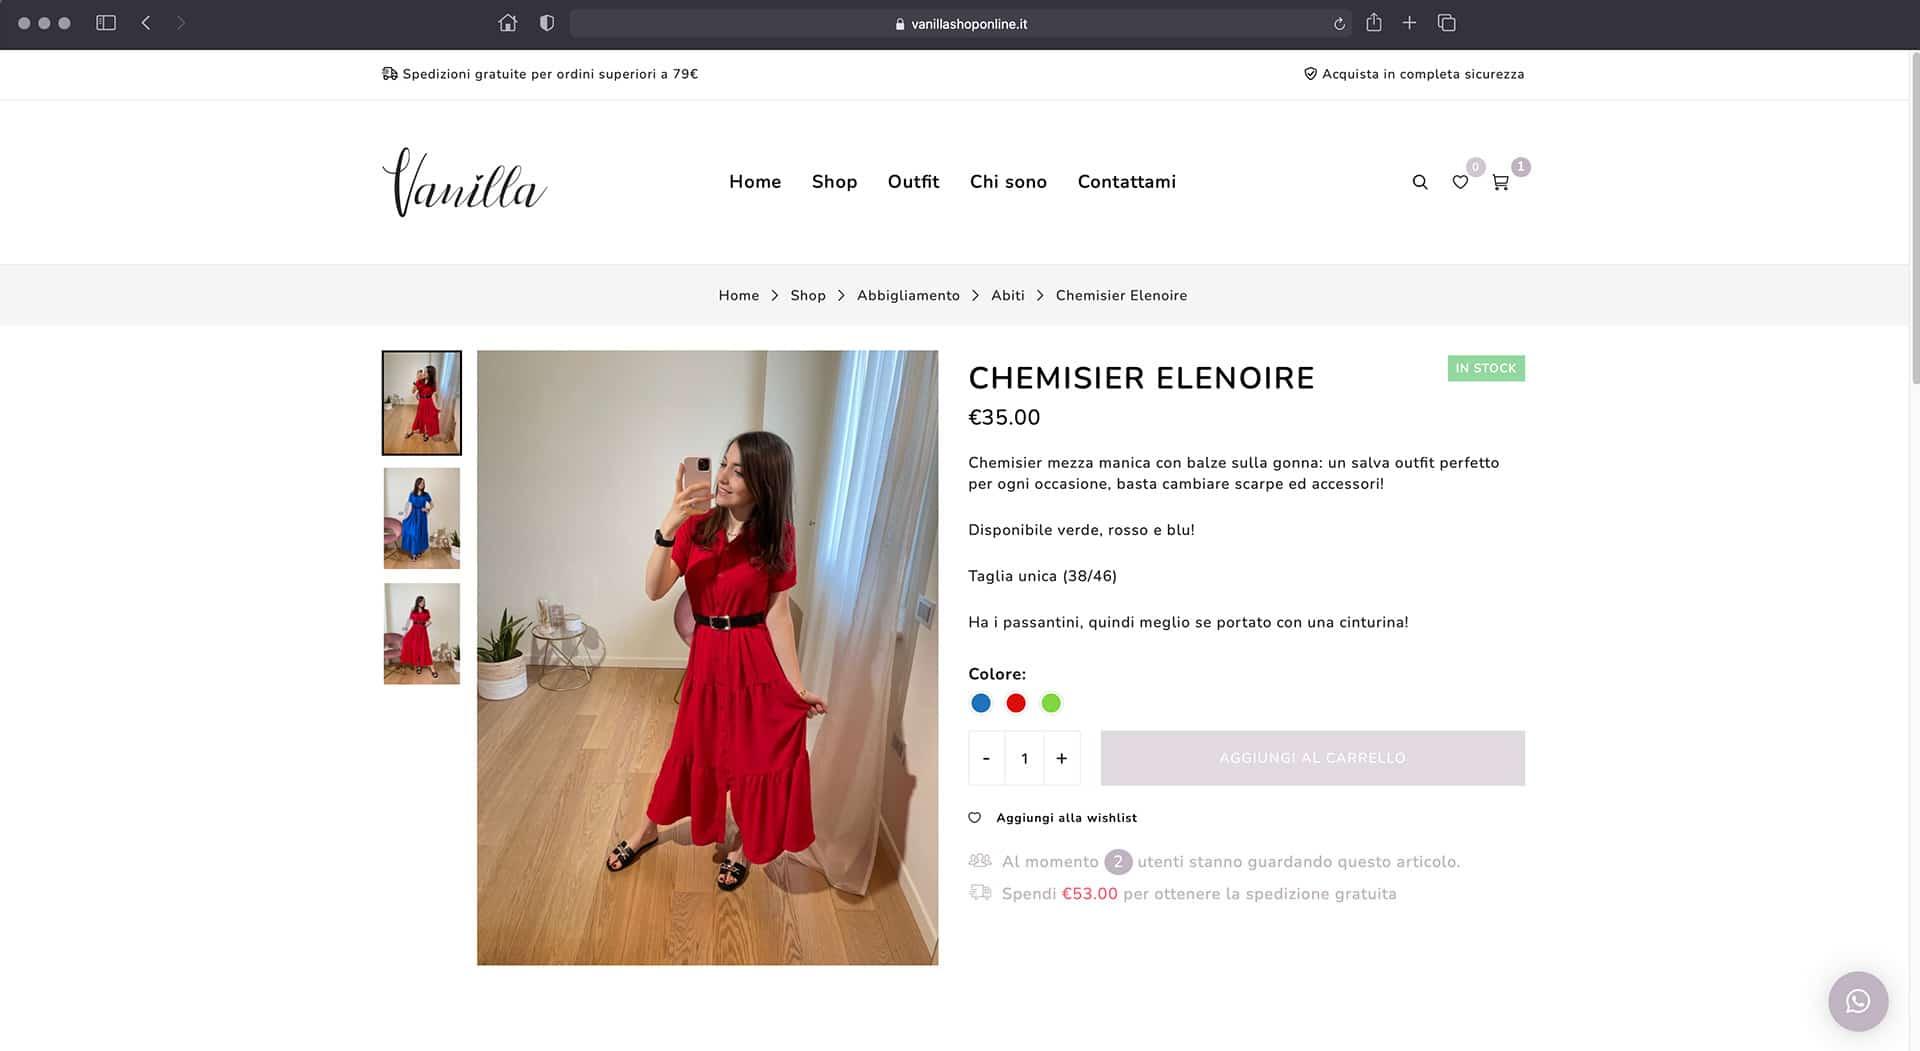 realizzazione-e-commerce-abbigliaemento-negozio-online-donna-brescia_04